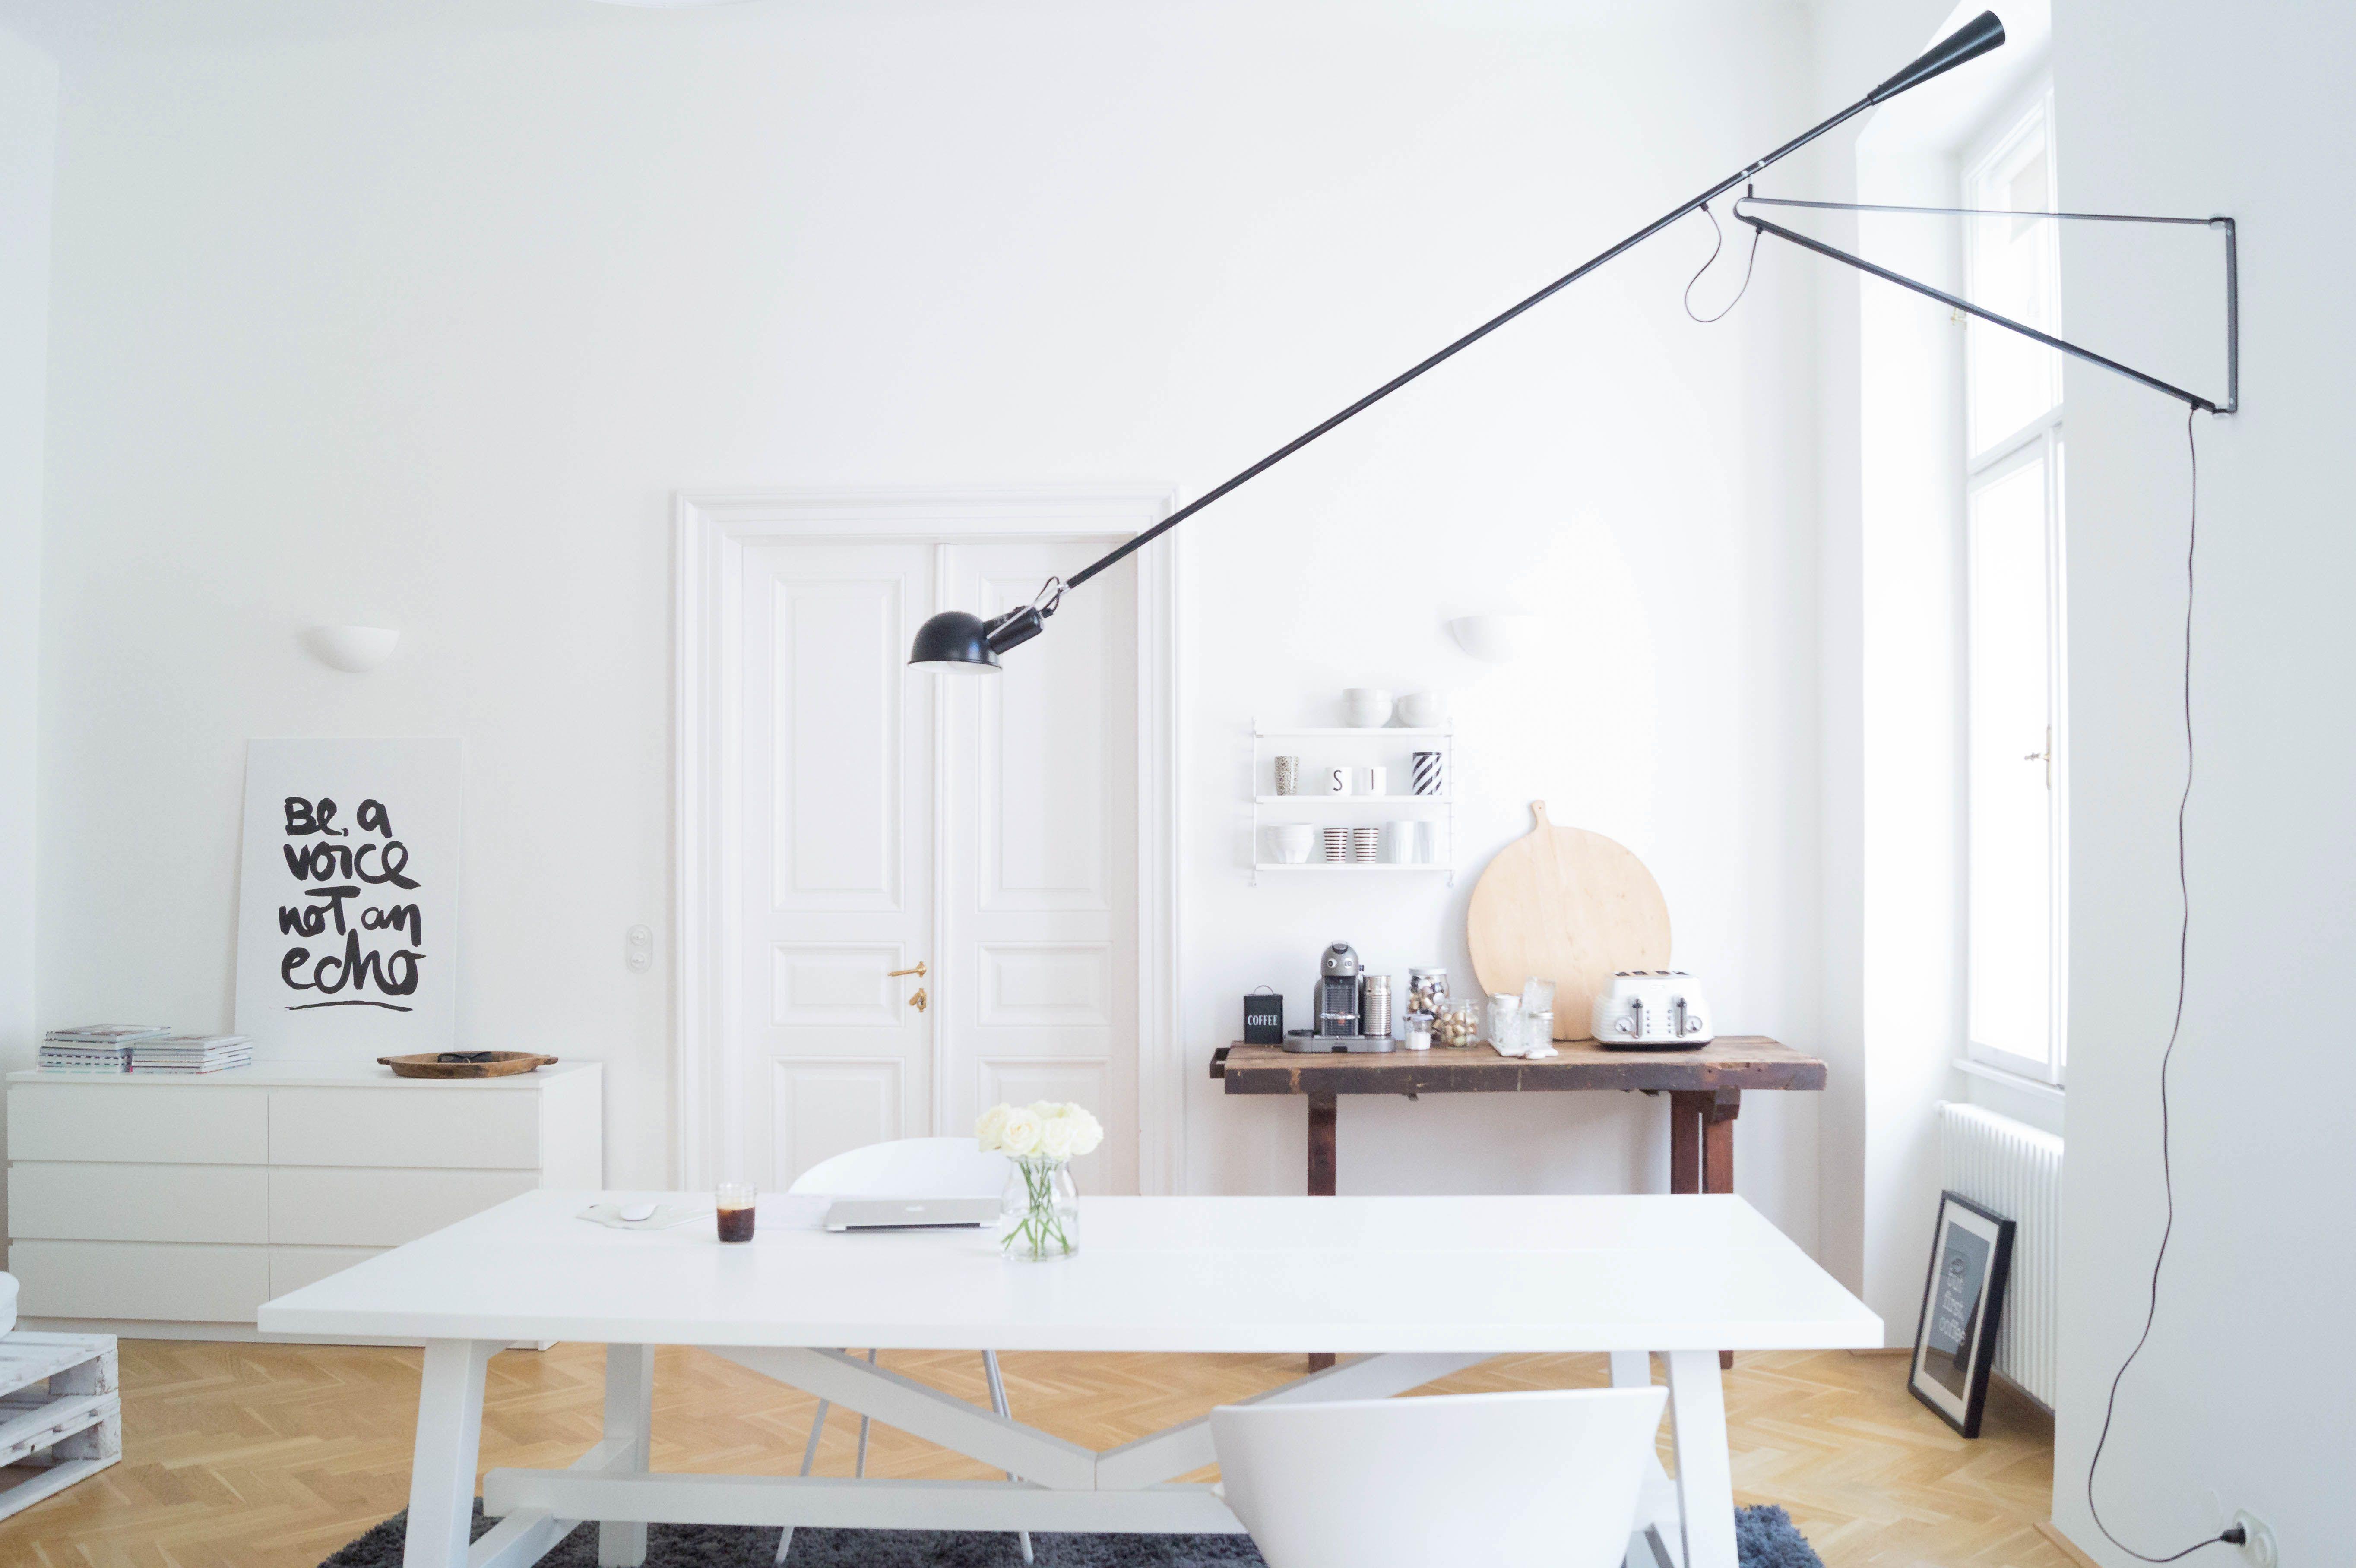 Flos 265   traumzuhause.com   Home, Scandinavian dining ...